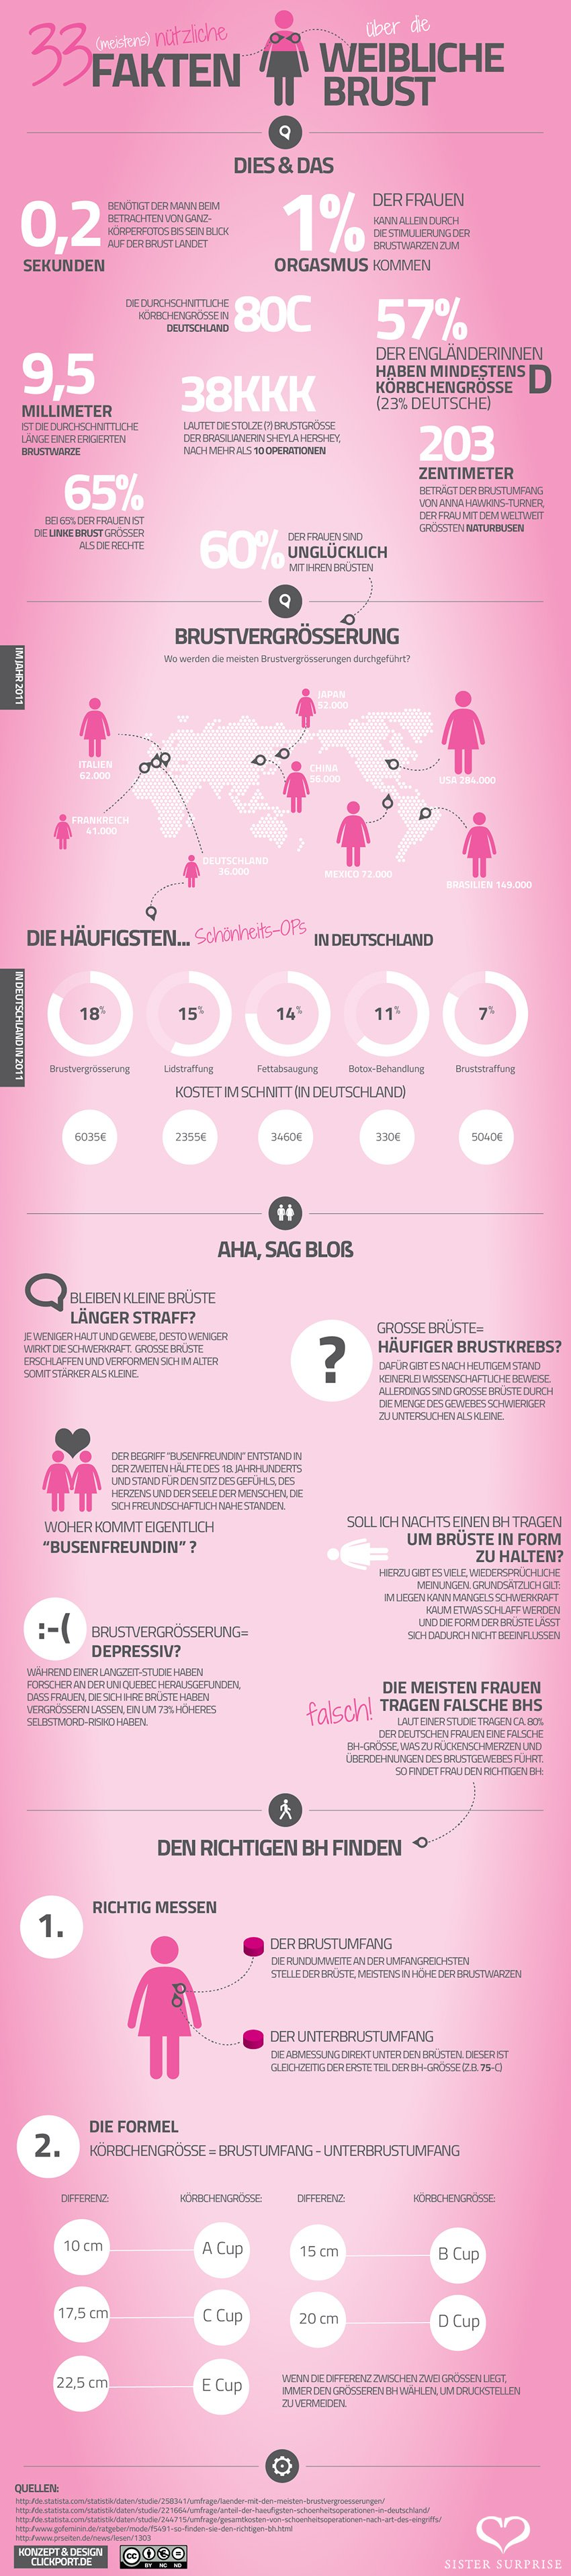 infografik-weibliche-brust